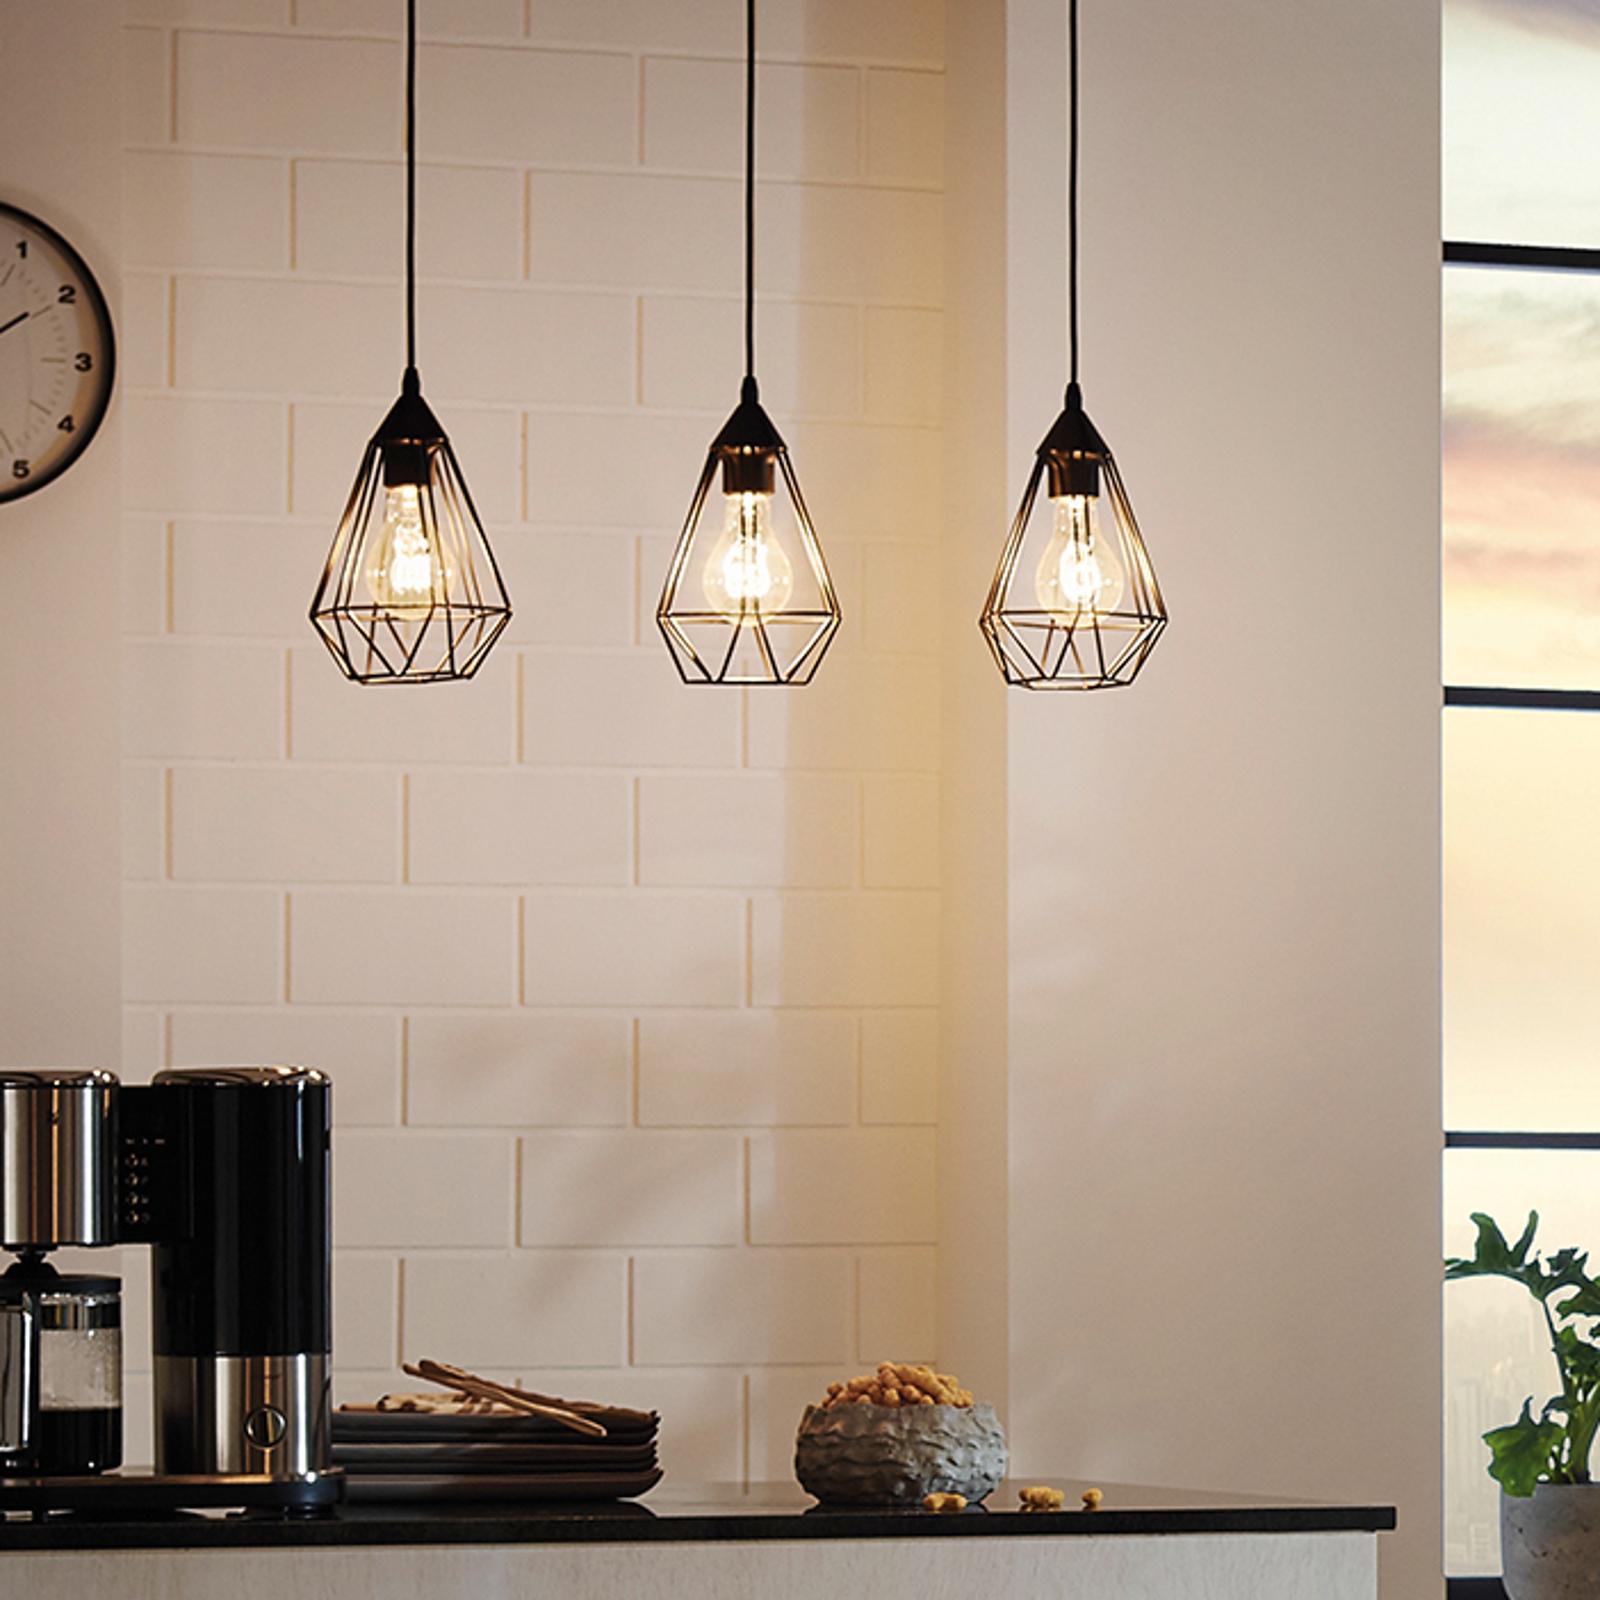 Tarbes - 3 ljuskällor Taklampa i vintage-stil